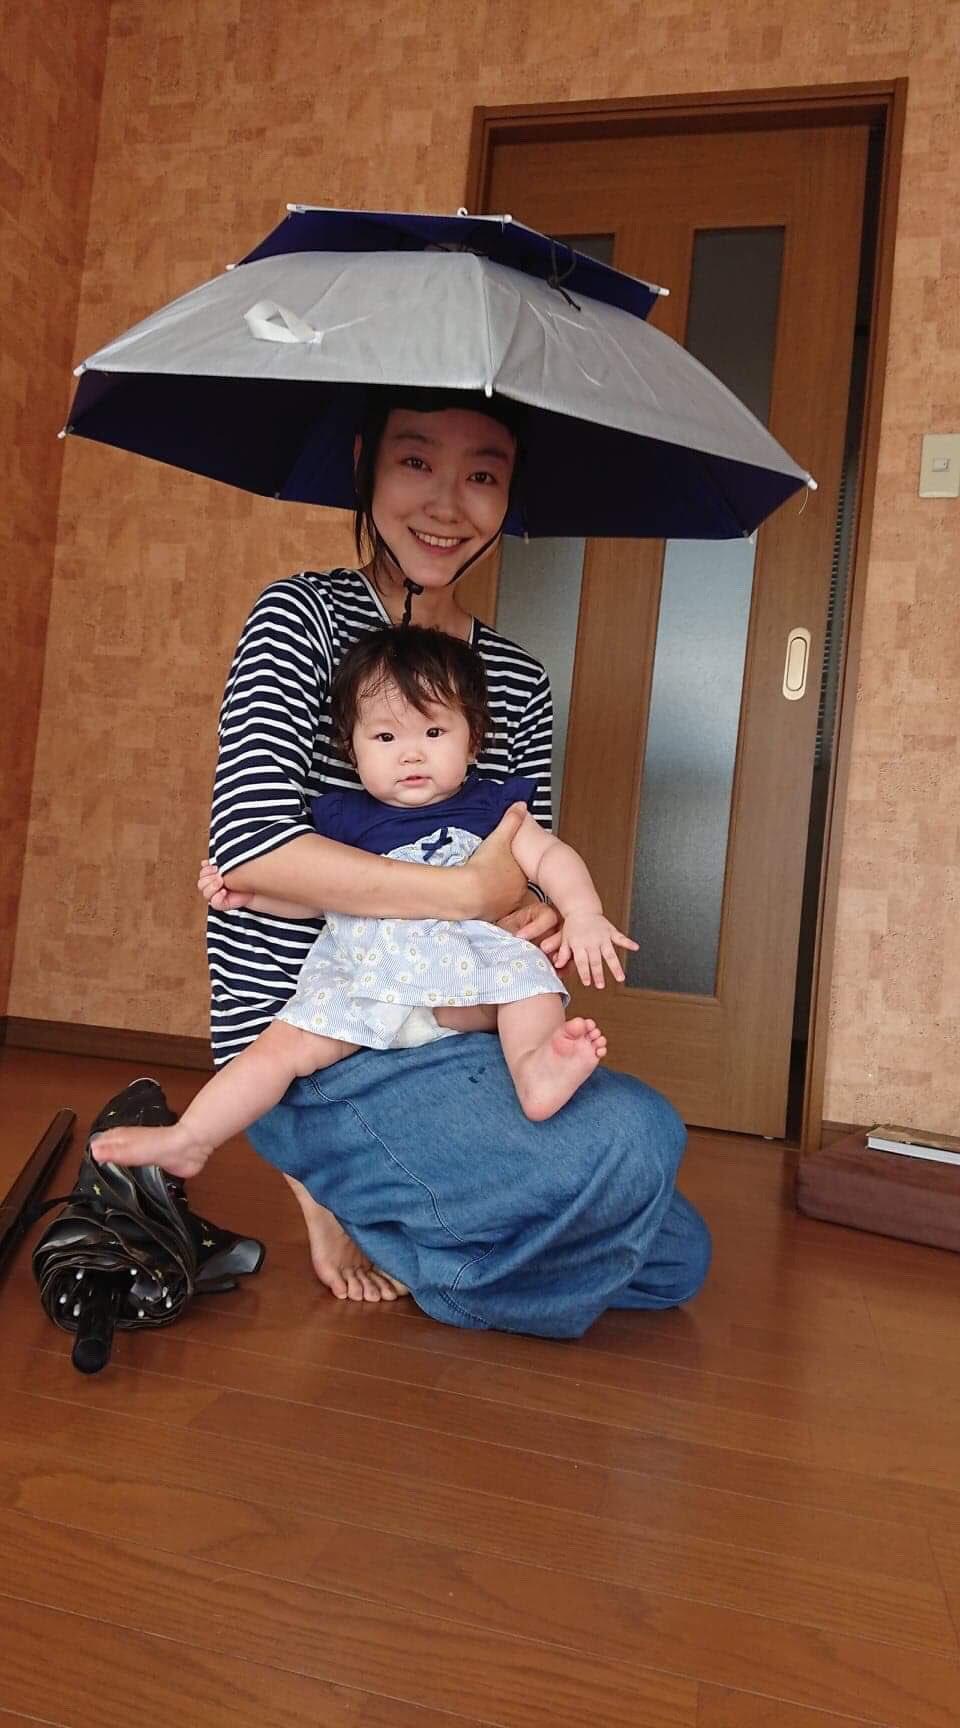 話題のかぶる傘を買って快適に過ごせるのは良いが1つ大きな問題が…ww